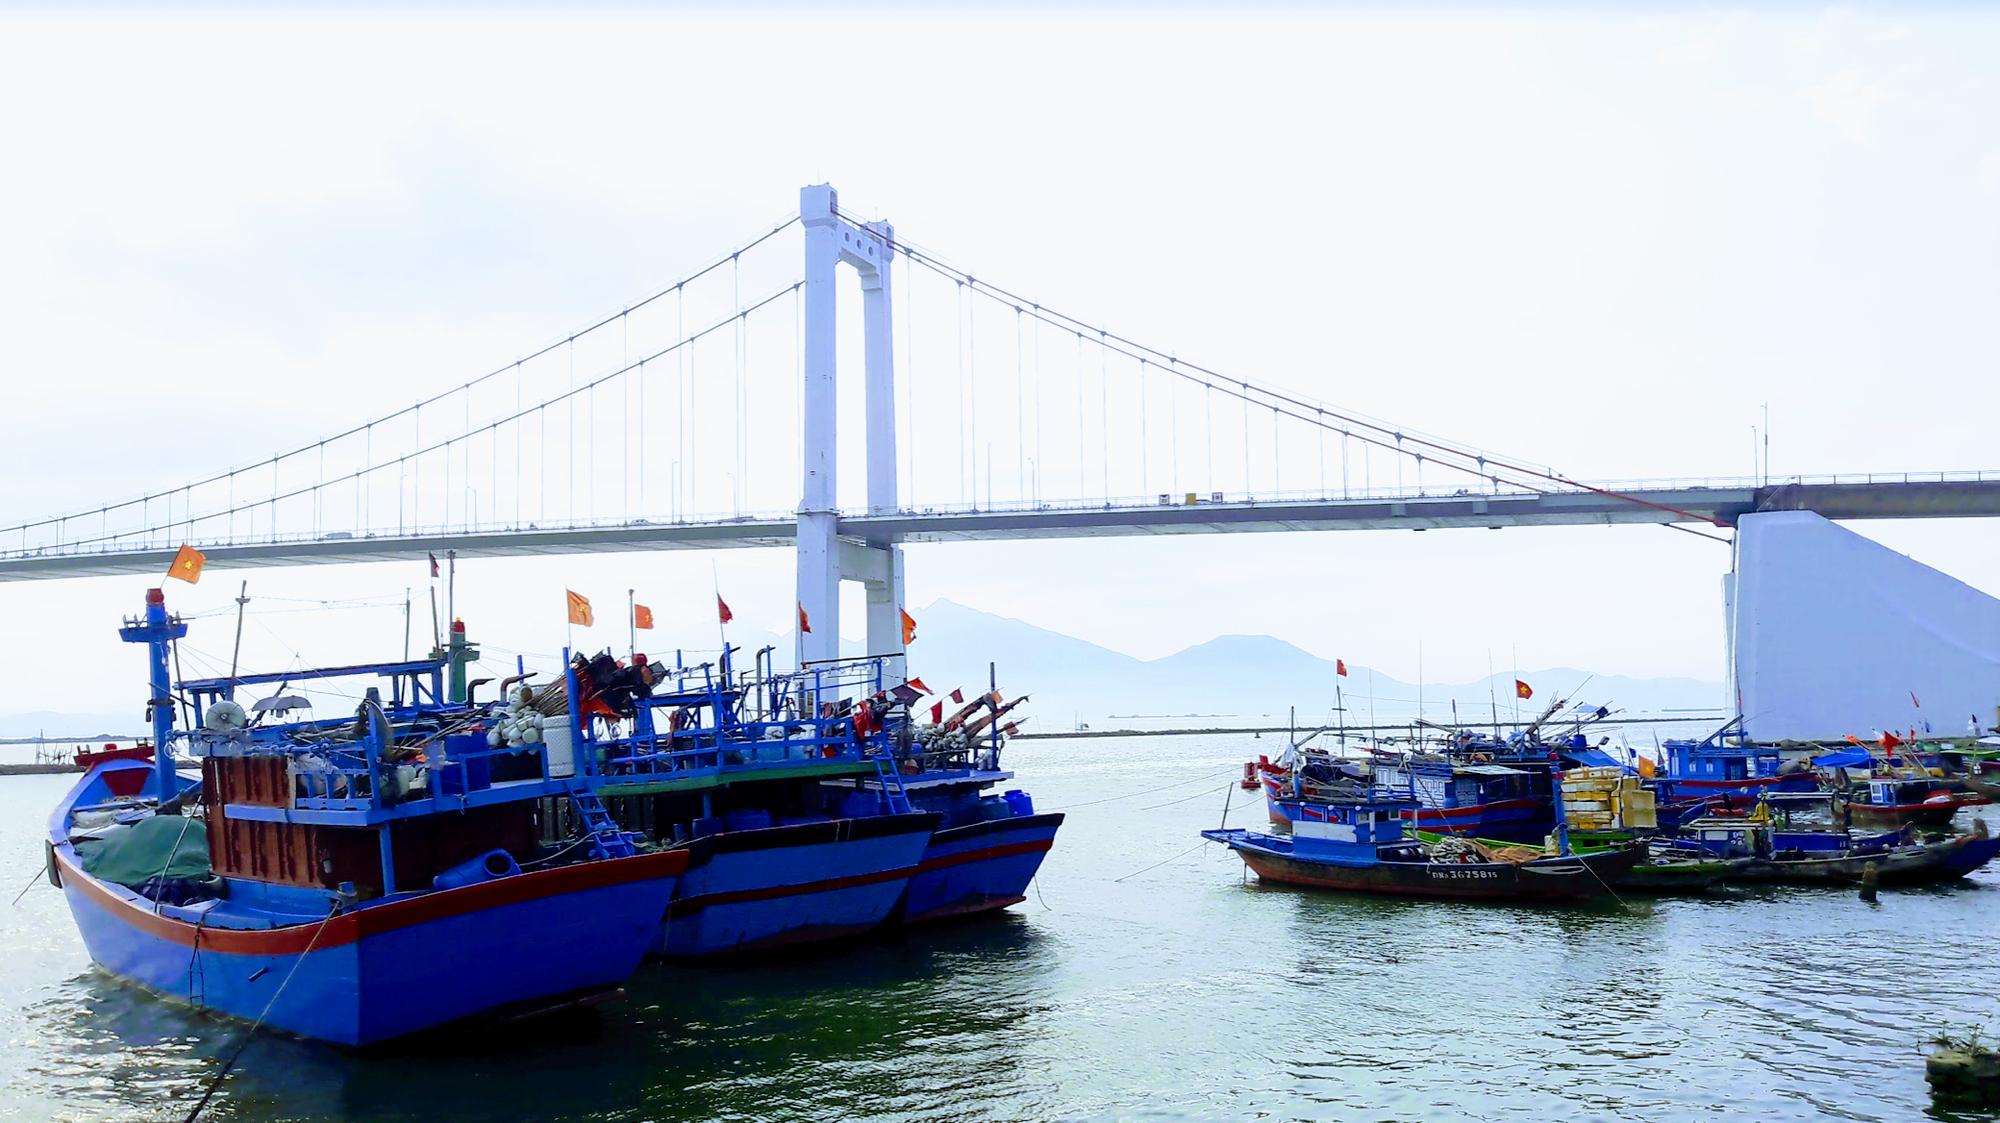 Điểm danh những địa điểm đẹp nhất xem pháo hoa Quốc tế Đà Nẵng 2019 - Ảnh 3.